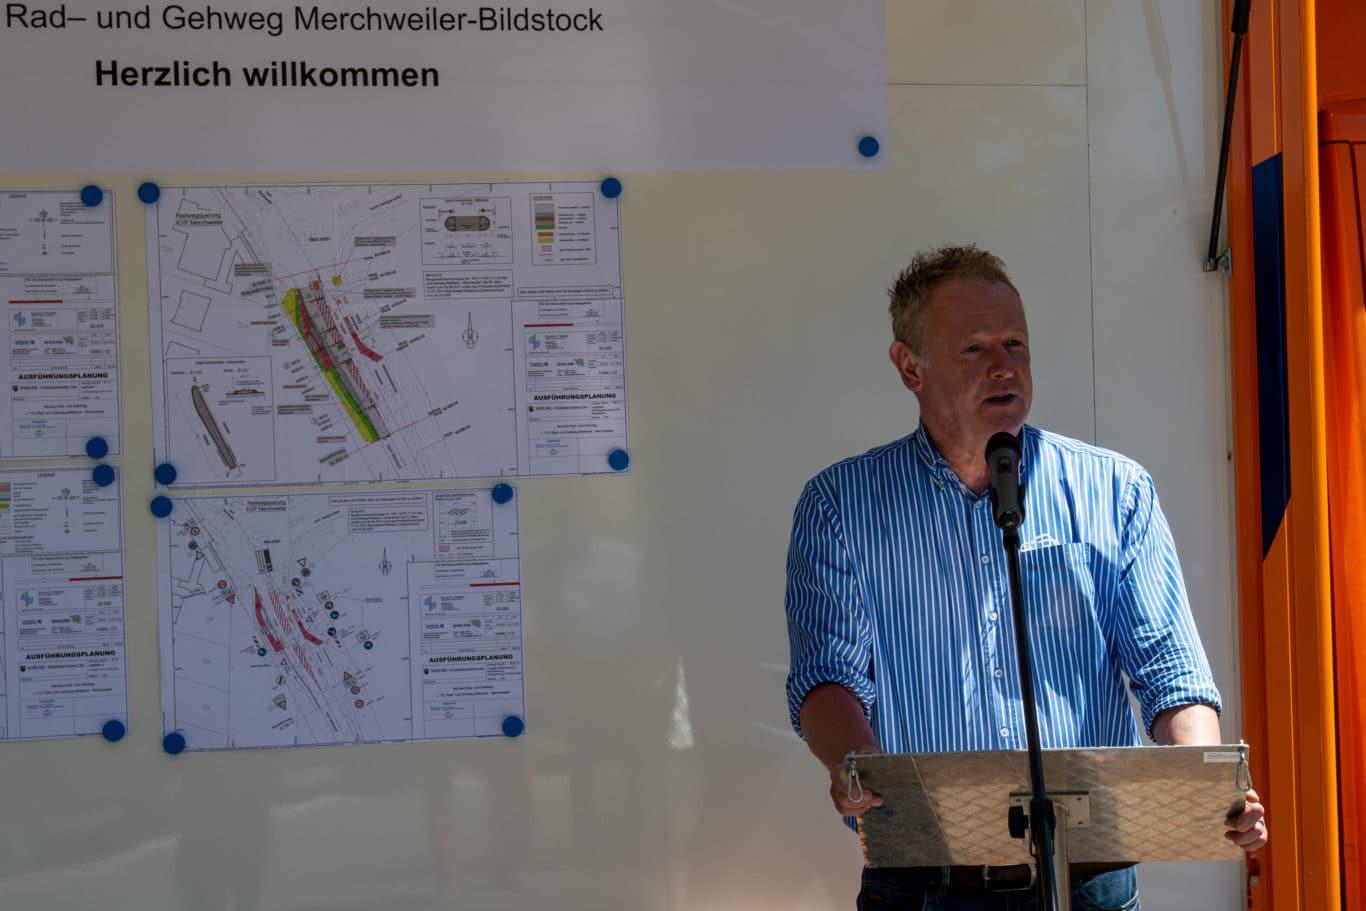 Merchweiler Bürgermeister Patrick Weydmann